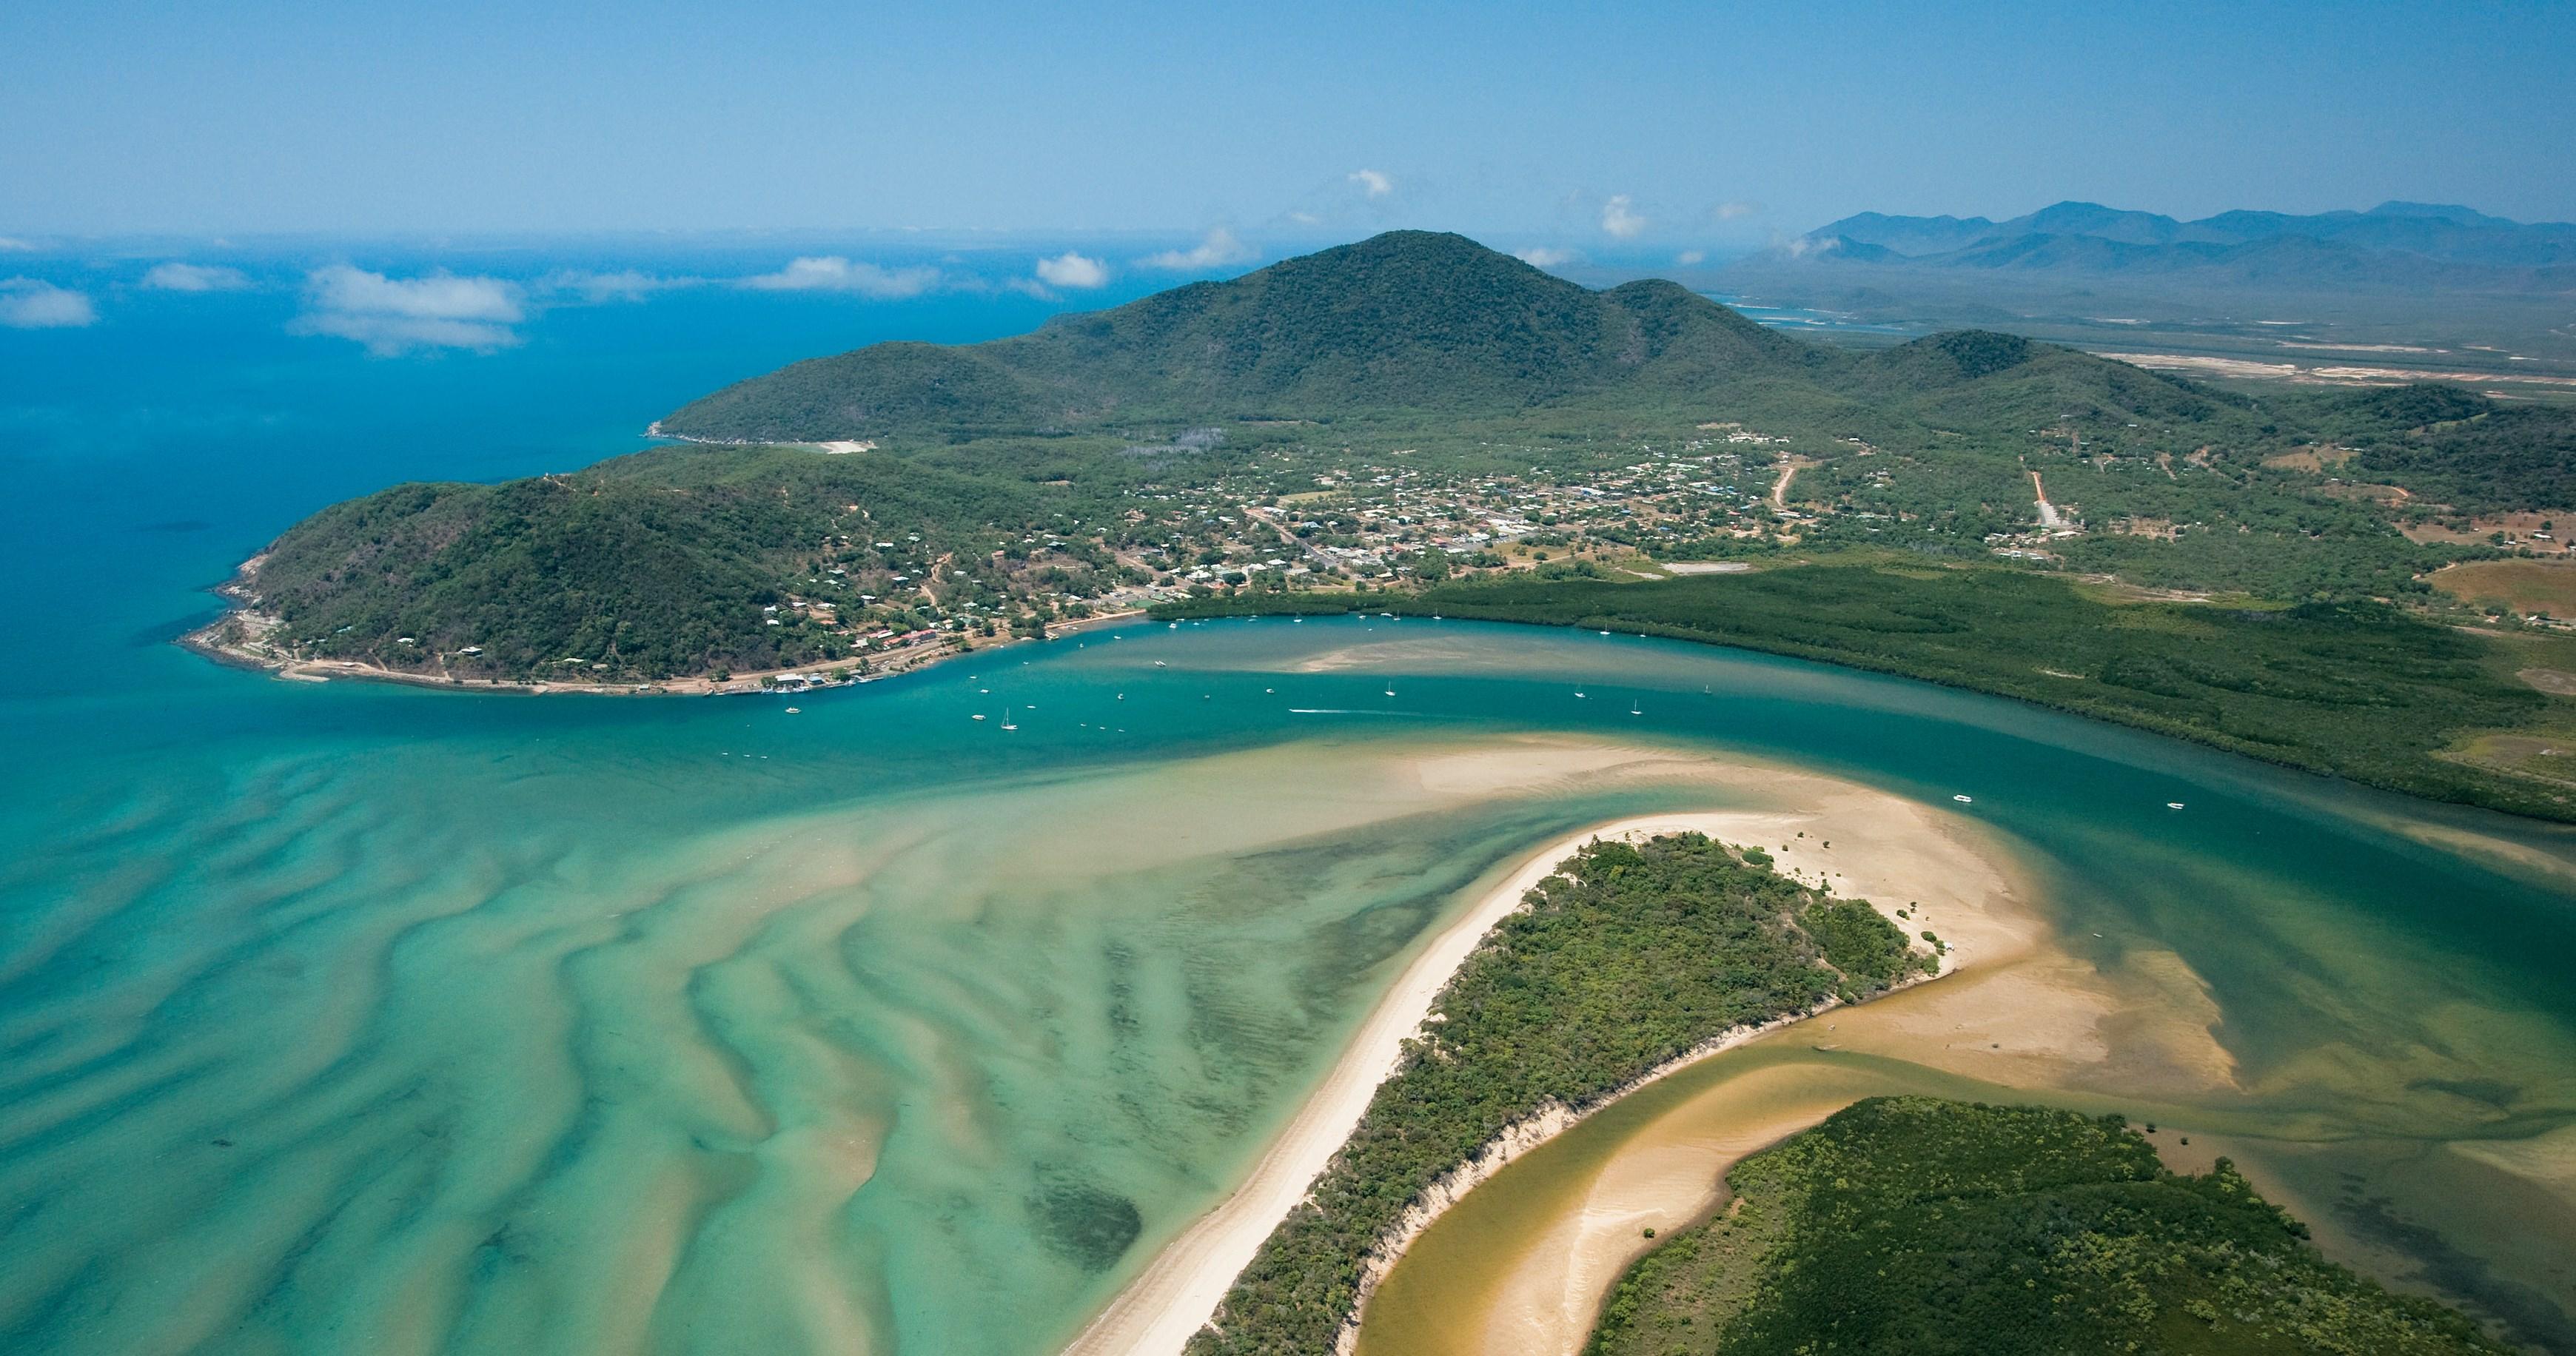 Luftaufnahme Cooktown Queensland